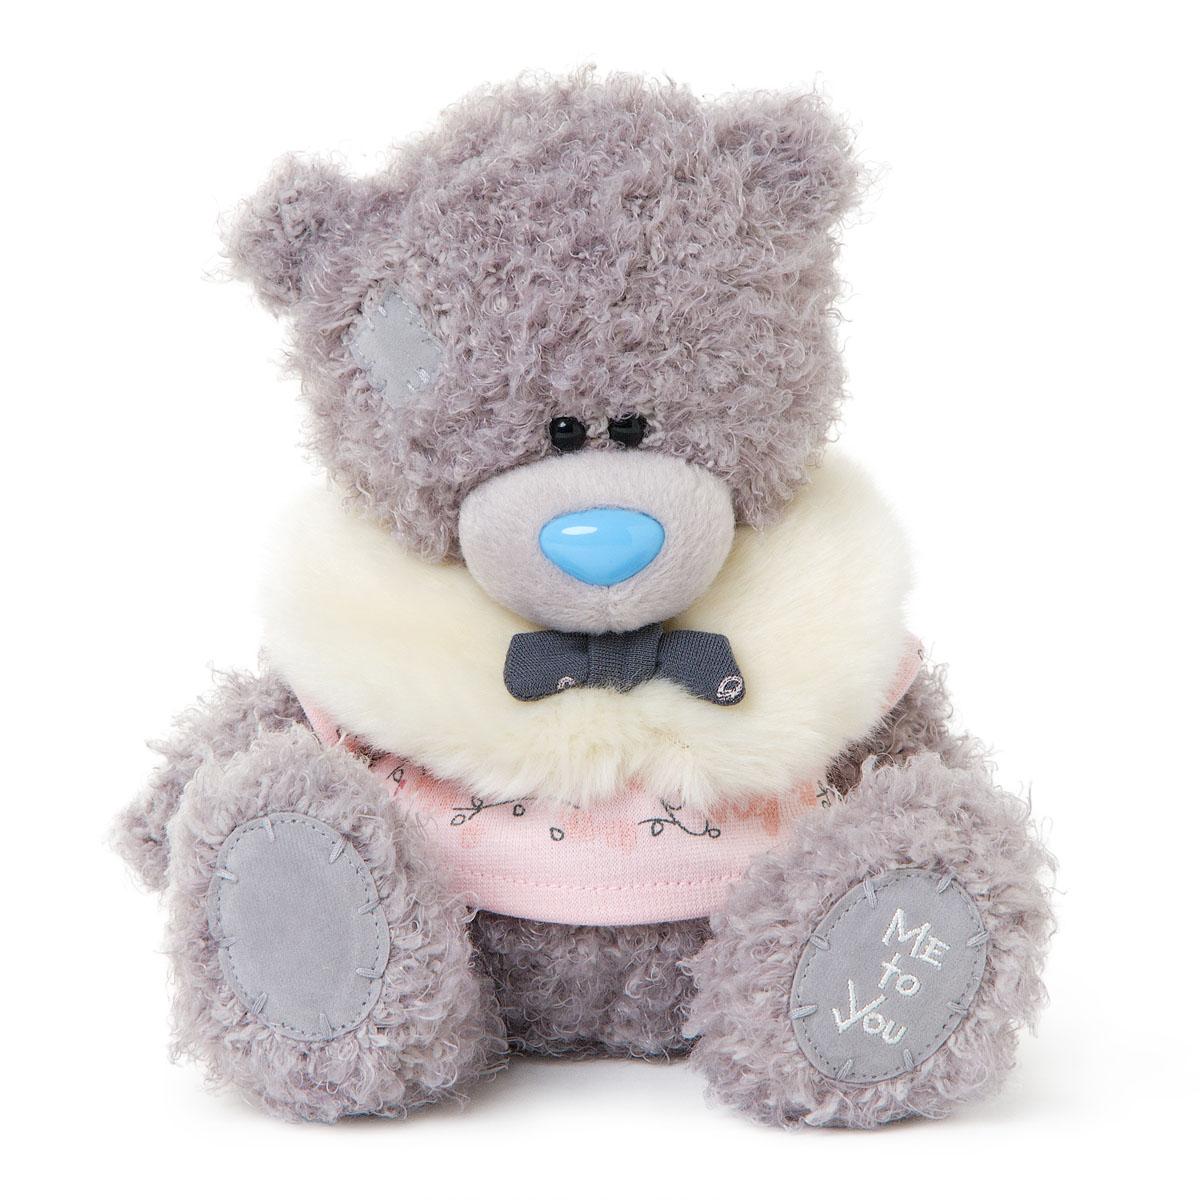 Me to You Мягкая игрушка Мишка Тедди, 18 см. G01W3289G01W3289Очаровательная игрушка Me to You Мишка Тедди выполнена в виде трогательного медвежонка. Игрушка изготовлена из высококачественных текстильных материалов. Специальные гранулы, используемые при ее набивке, способствуют развитию мелкой моторики рук малыша. Глазки и носик выполнены из пластика. Медвежонок одет в милую розовую футболку, украшенную узорами, и меховой шарф, который завязан бантиком. Удивительно мягкая игрушка принесет радость и подарит своему обладателю мгновения нежных объятий и приятных воспоминаний. Долгая история Мишки Тедди создала целый культ в истории, про него снимали мультфильмы и фильмы, сочиняли сказки и песни, он был любимцем детей и взрослых множество лет и является им сейчас. Нет лучшего подарка для ребенка или для девушки, чем Мишка Тедди от Me To You. Он способен выразить Вашу любовь, заботу или дружбу. Он подарит огромное количество любви и ласки своему владельцу, как это делали миллионы других медведей Тедди, до него. Это именно...